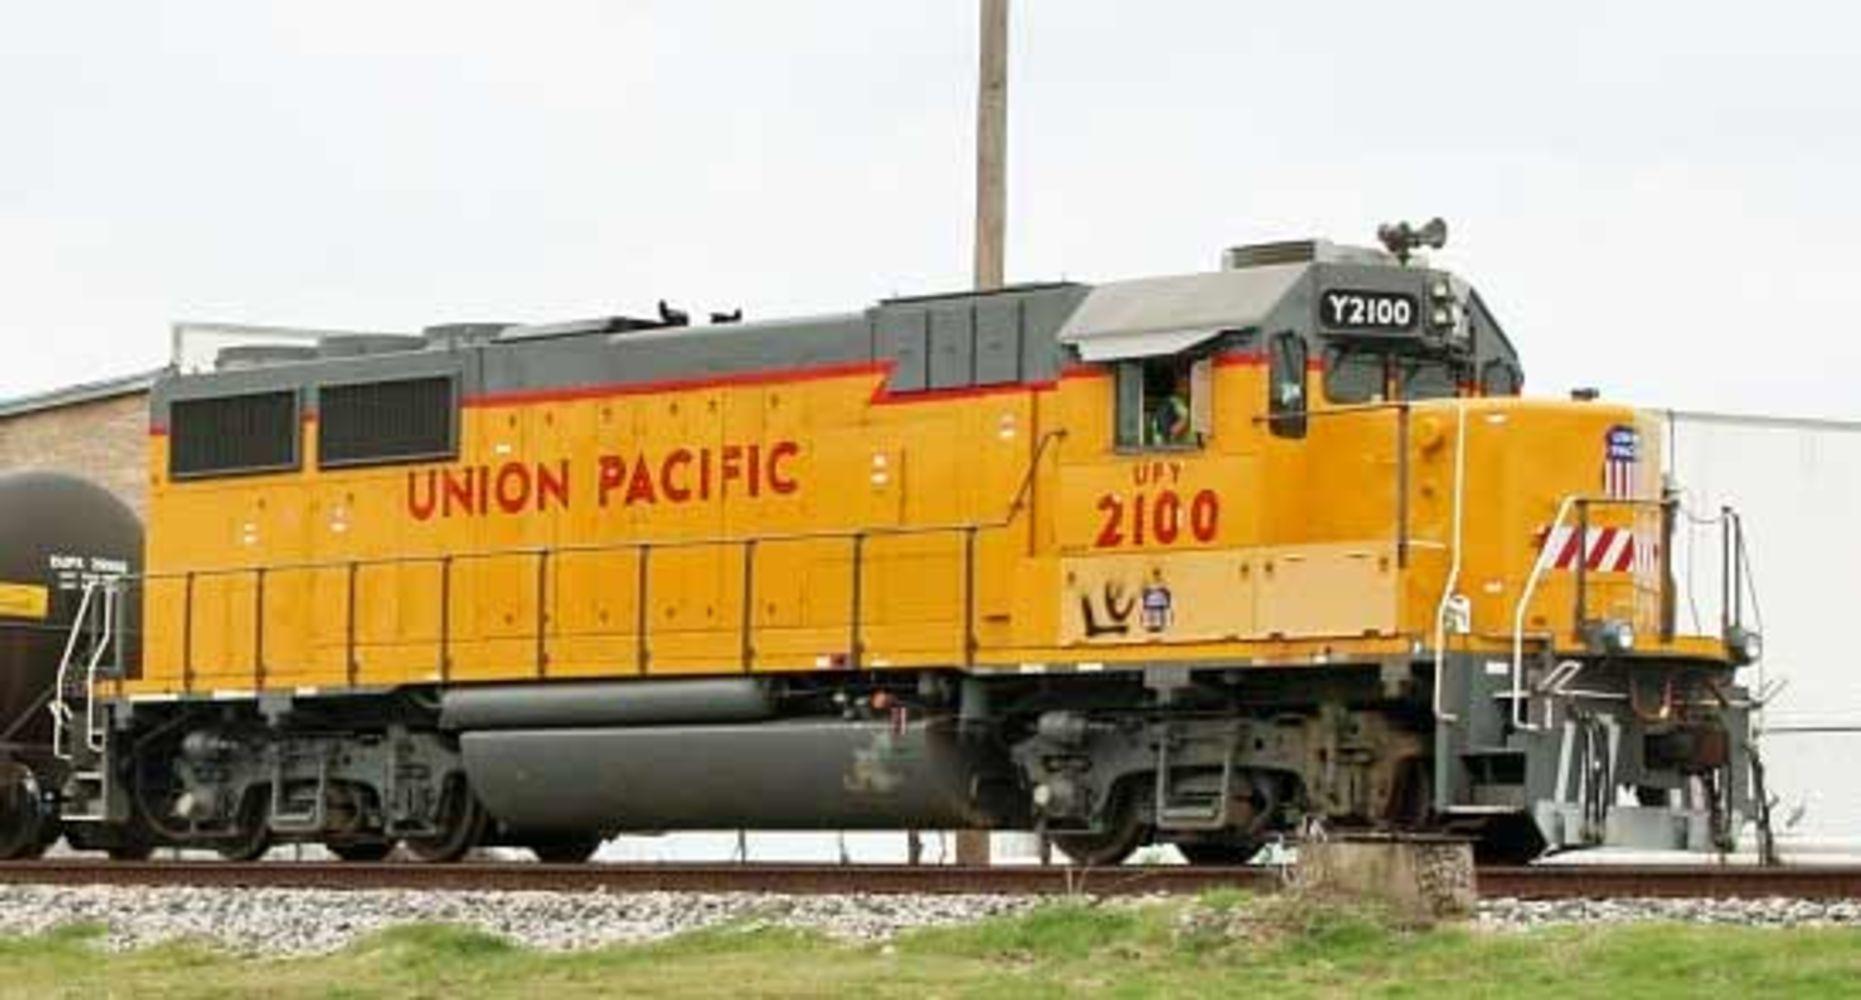 Union Pacific Locomotive Auction